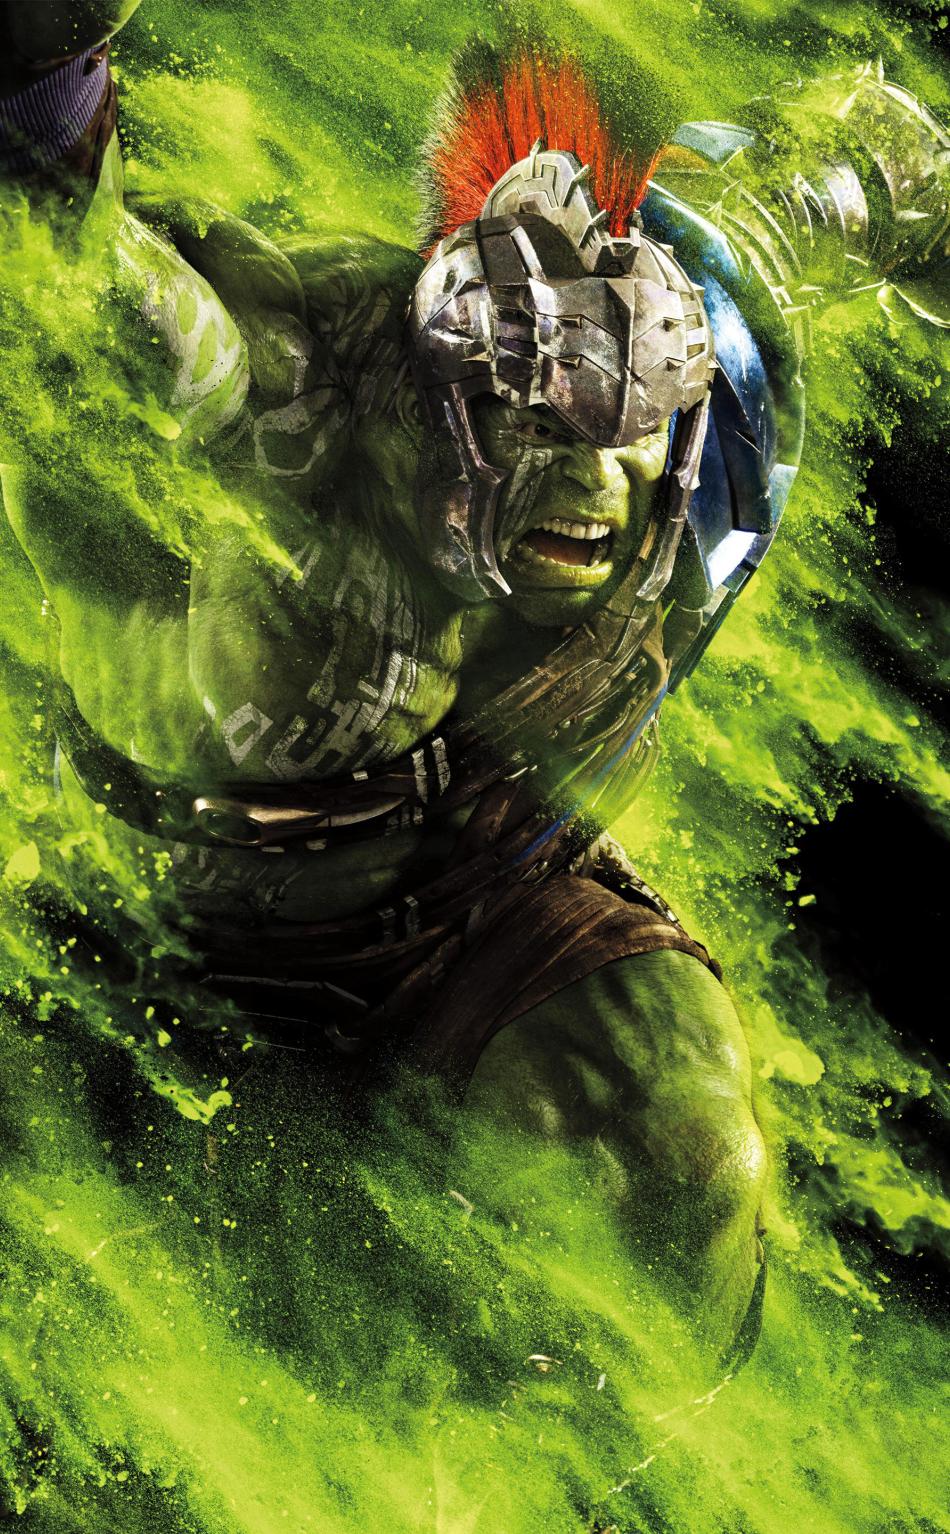 Hulk in thor ragnarok hd 4k wallpaper - Thor ragnarok hd wallpapers download ...